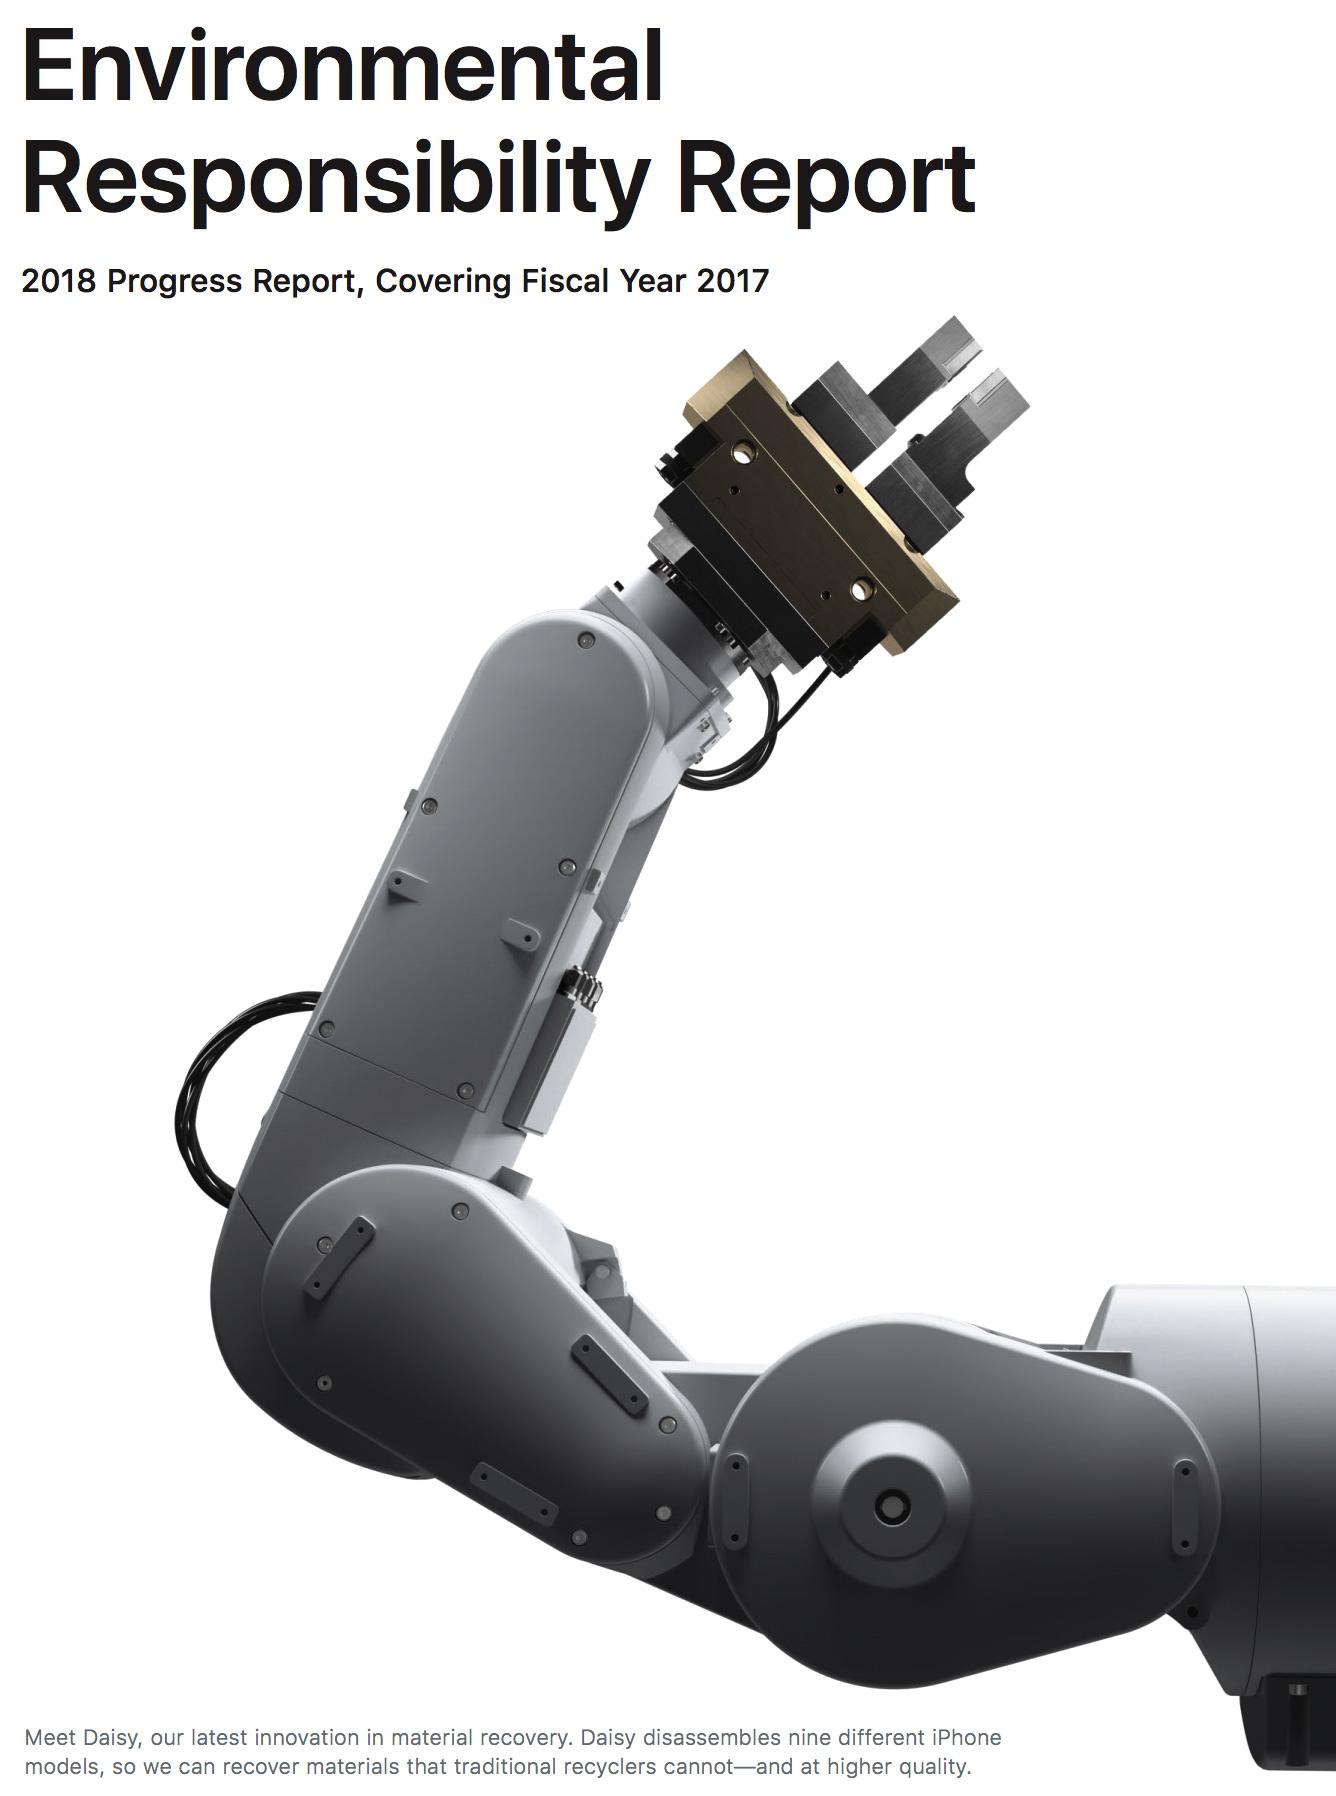 Reporte medioambiental del 2017, con el robot Daisy